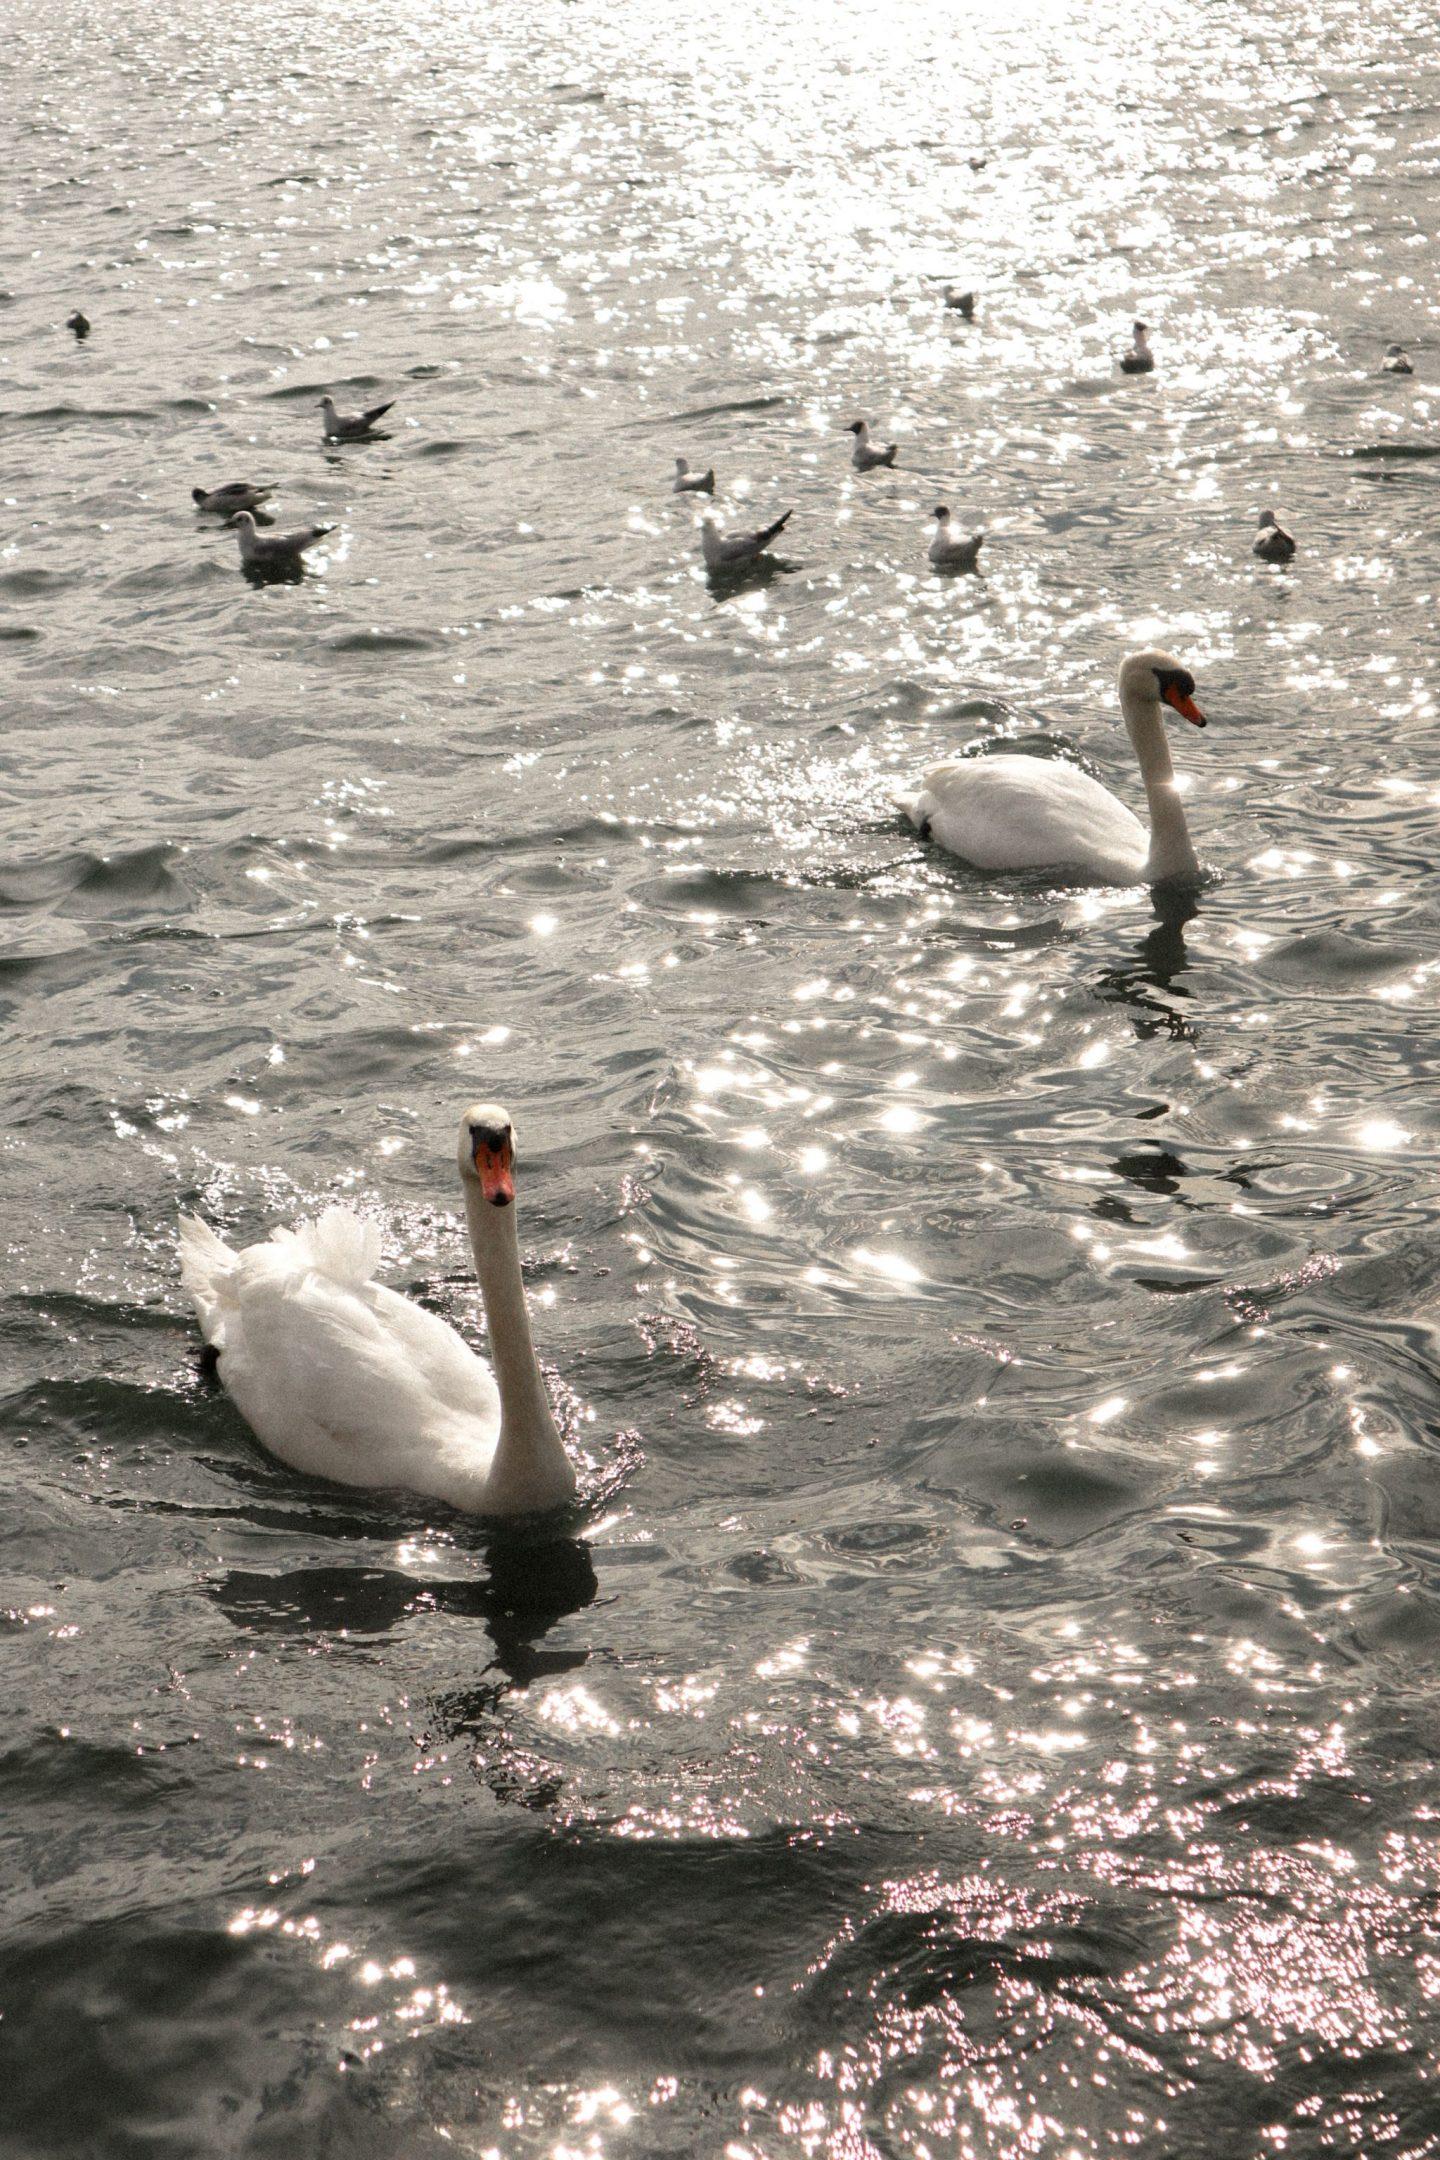 Swans in Lake Zurich